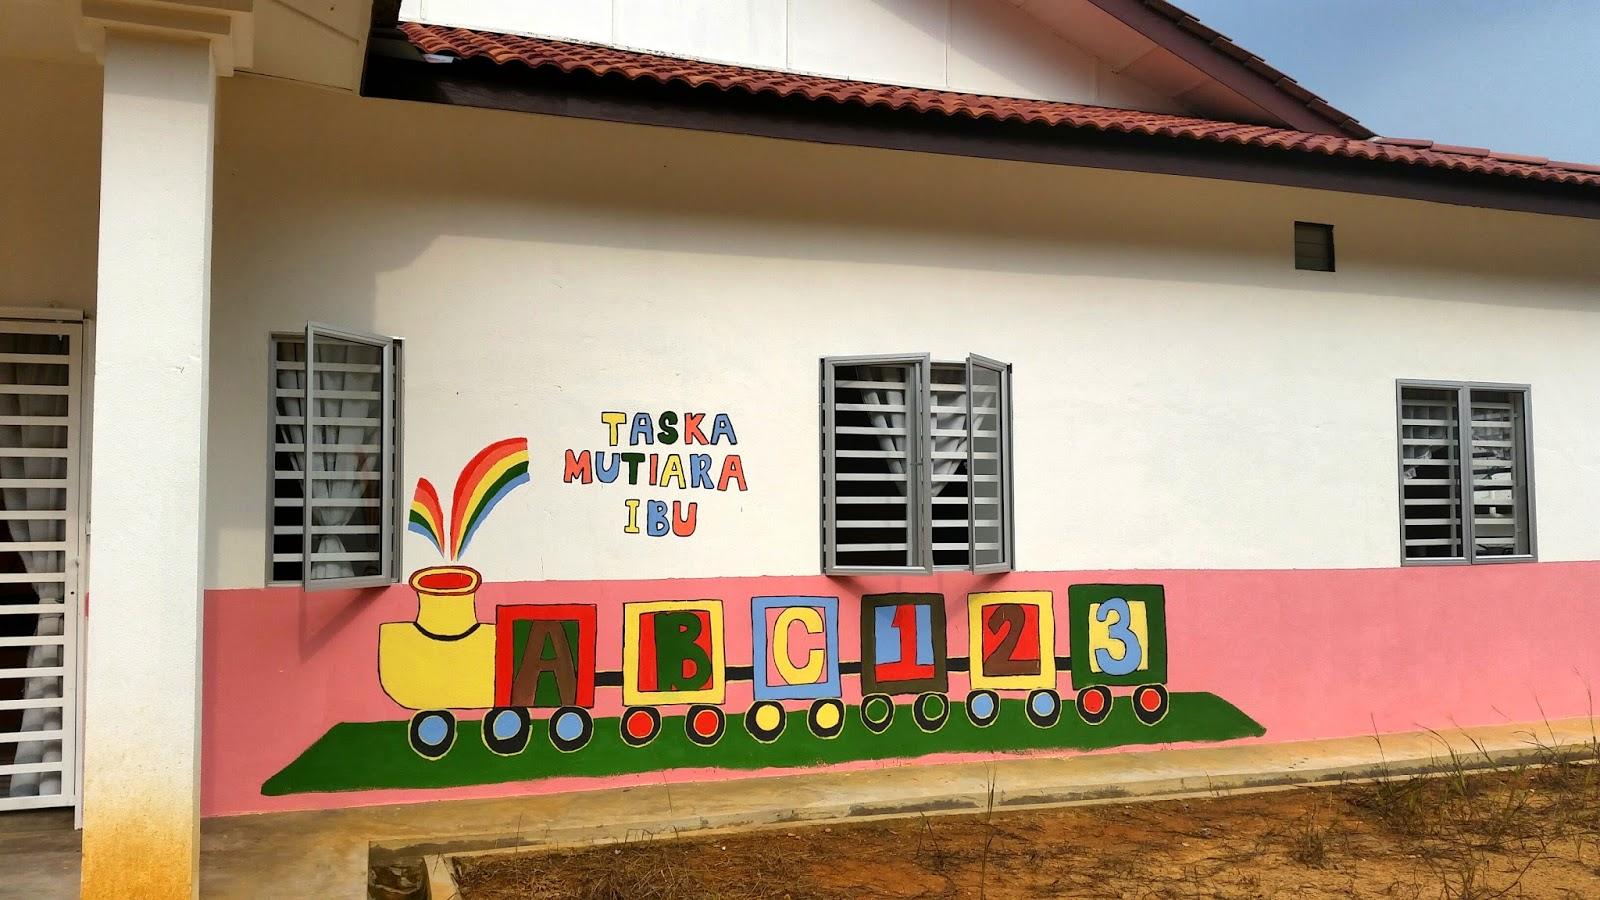 Bermula ceritaku lukisan mural di taska for Mural untuk taska